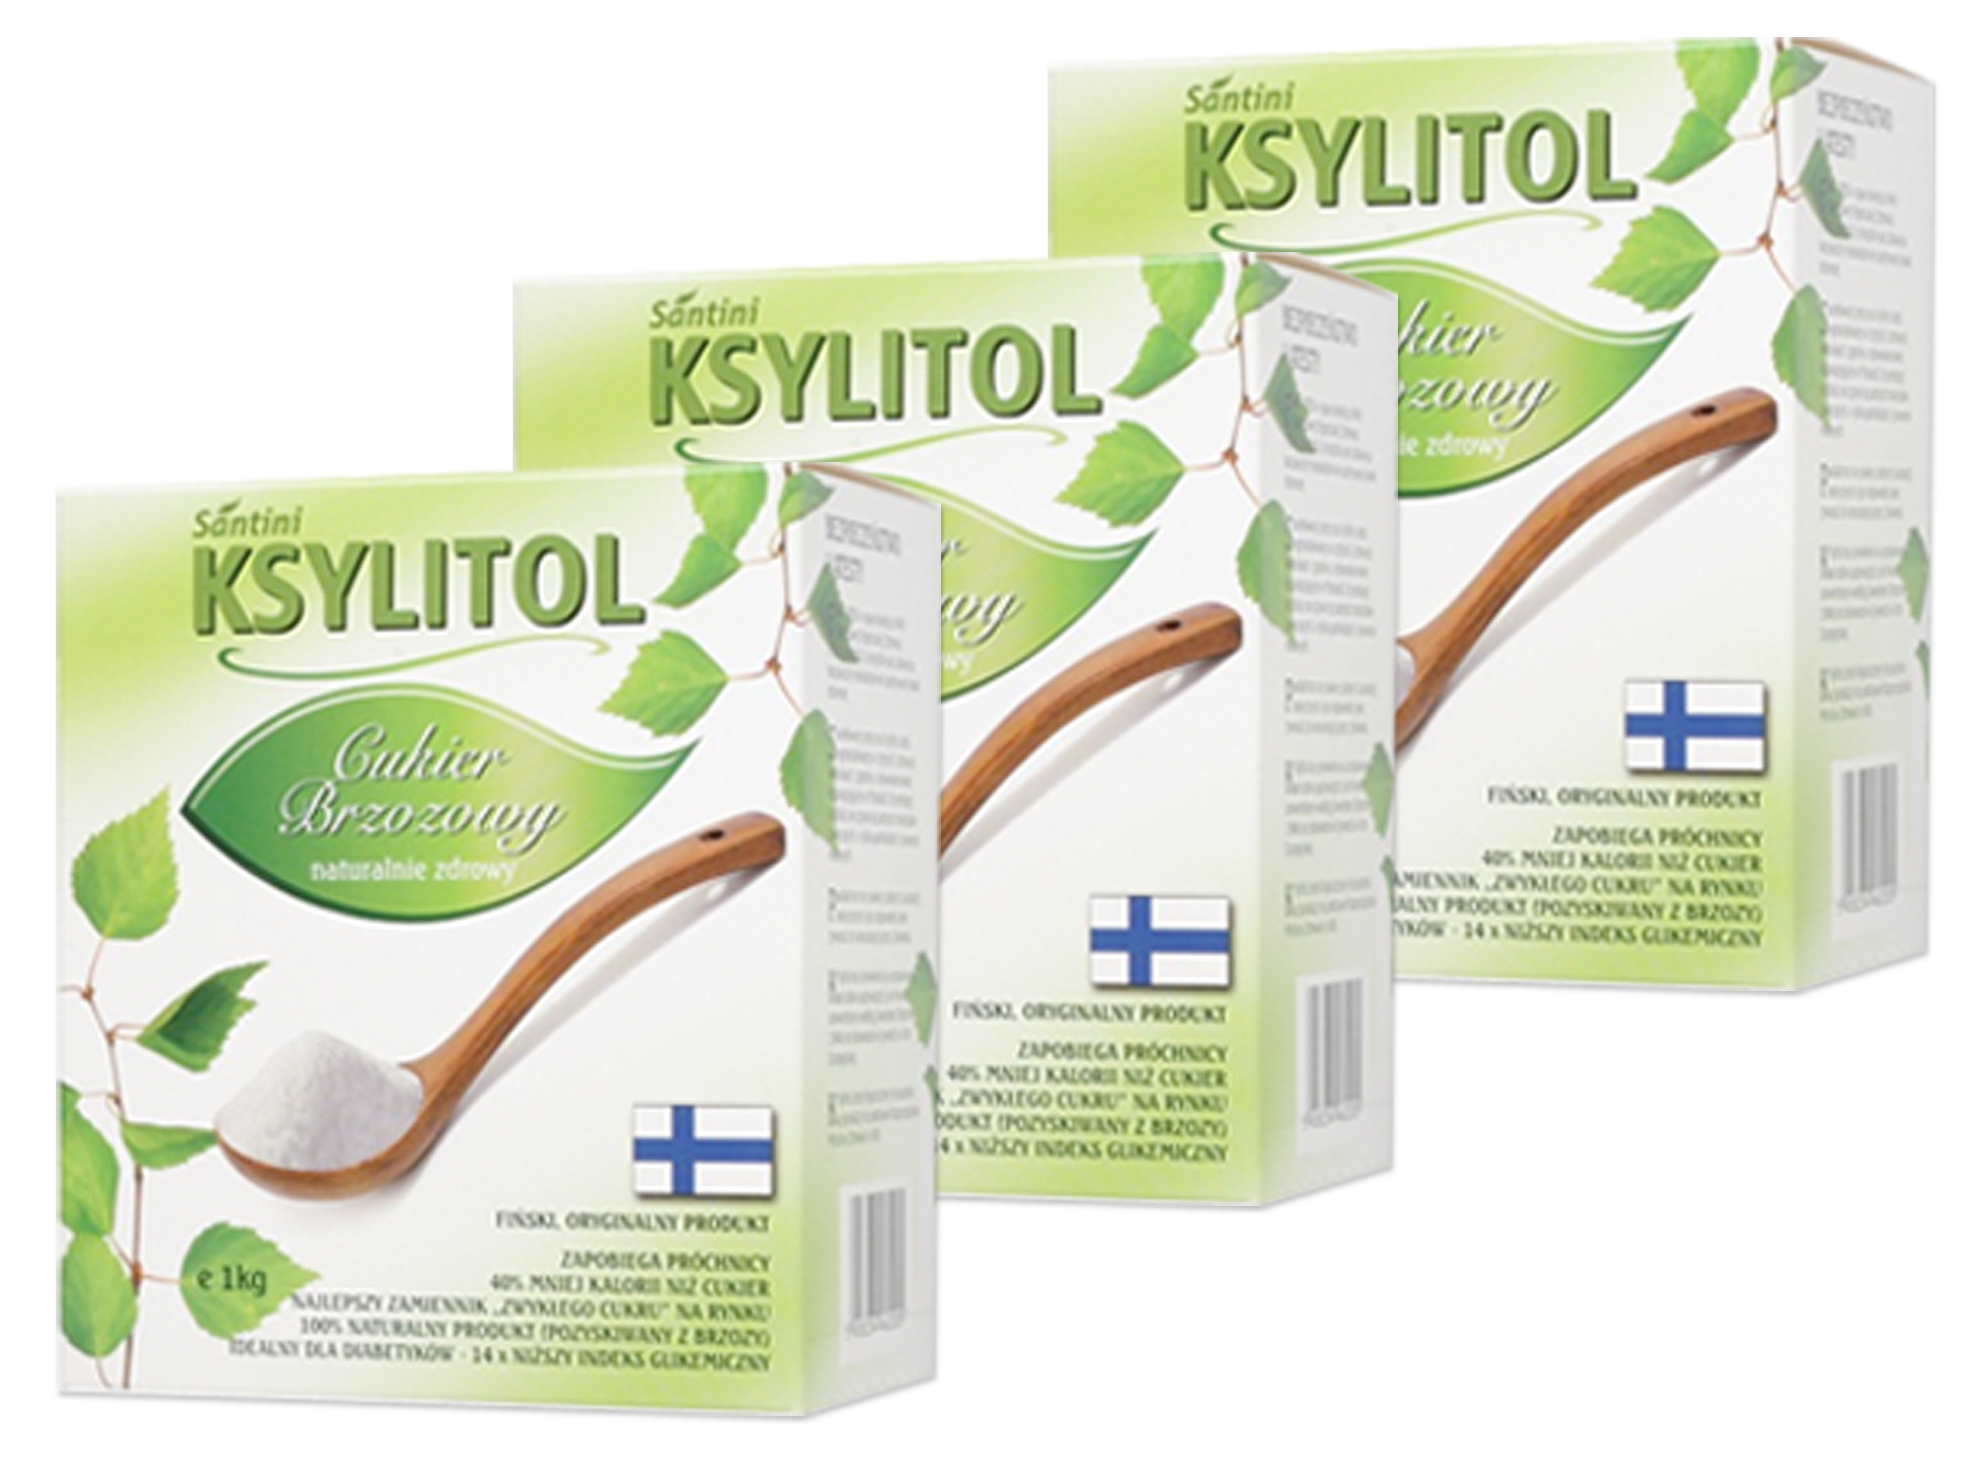 XYLITOL originálne fínske 3 kg 100% cukru rzeszów